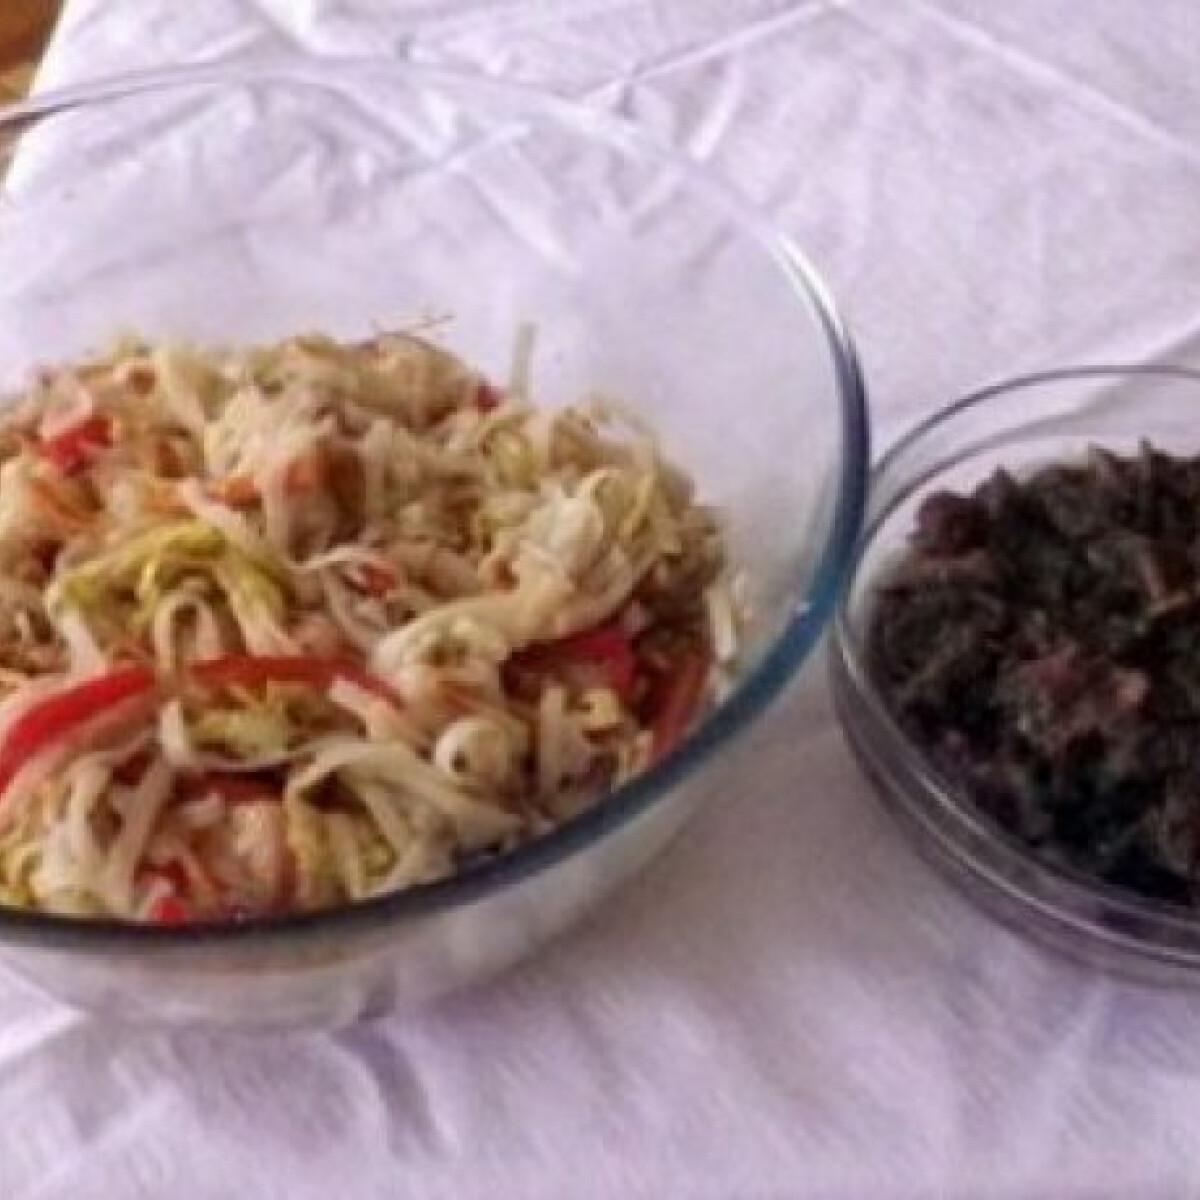 Gyömbéres-chilis-szilvaszószos marha